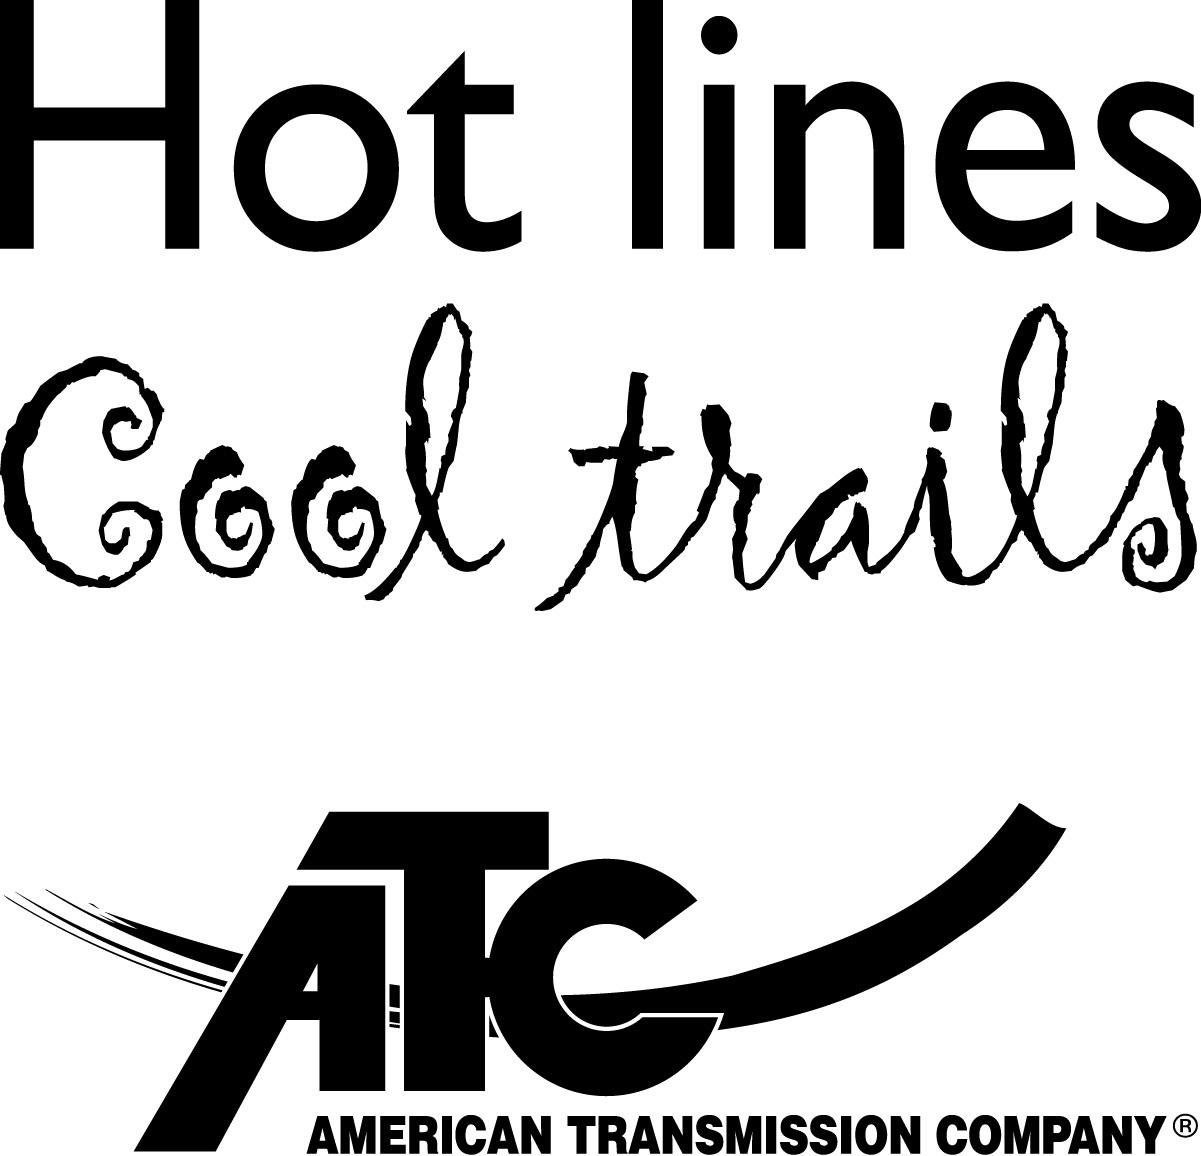 ATC-Hot line Cool trails.jpg